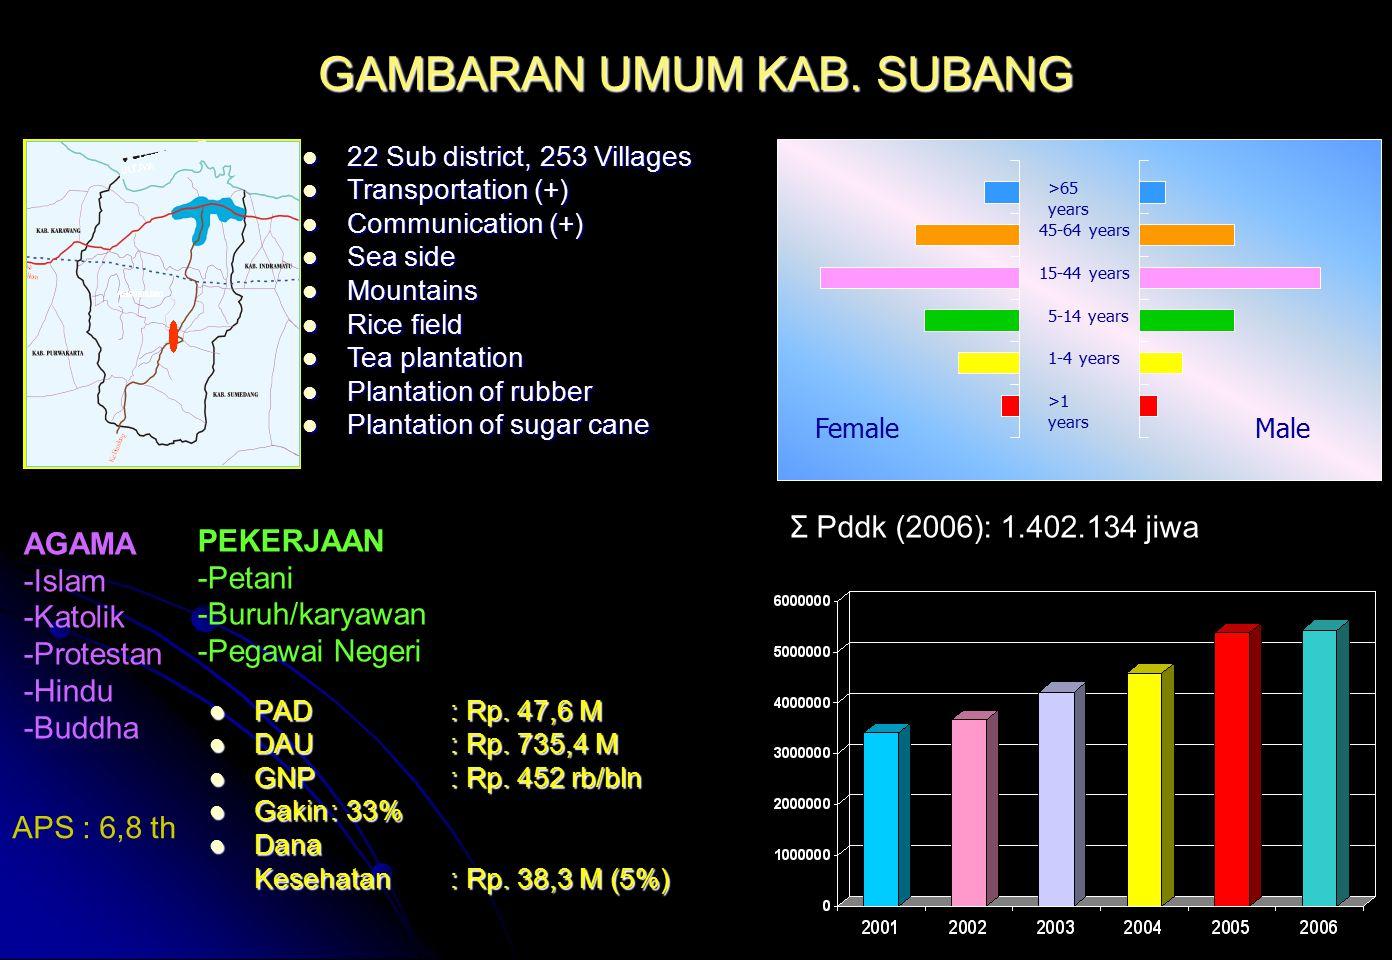 TARGET SETTING PENURUNAN AKI MENUJU MDG's DI KAB. SUBANG ( / 1000 KH )